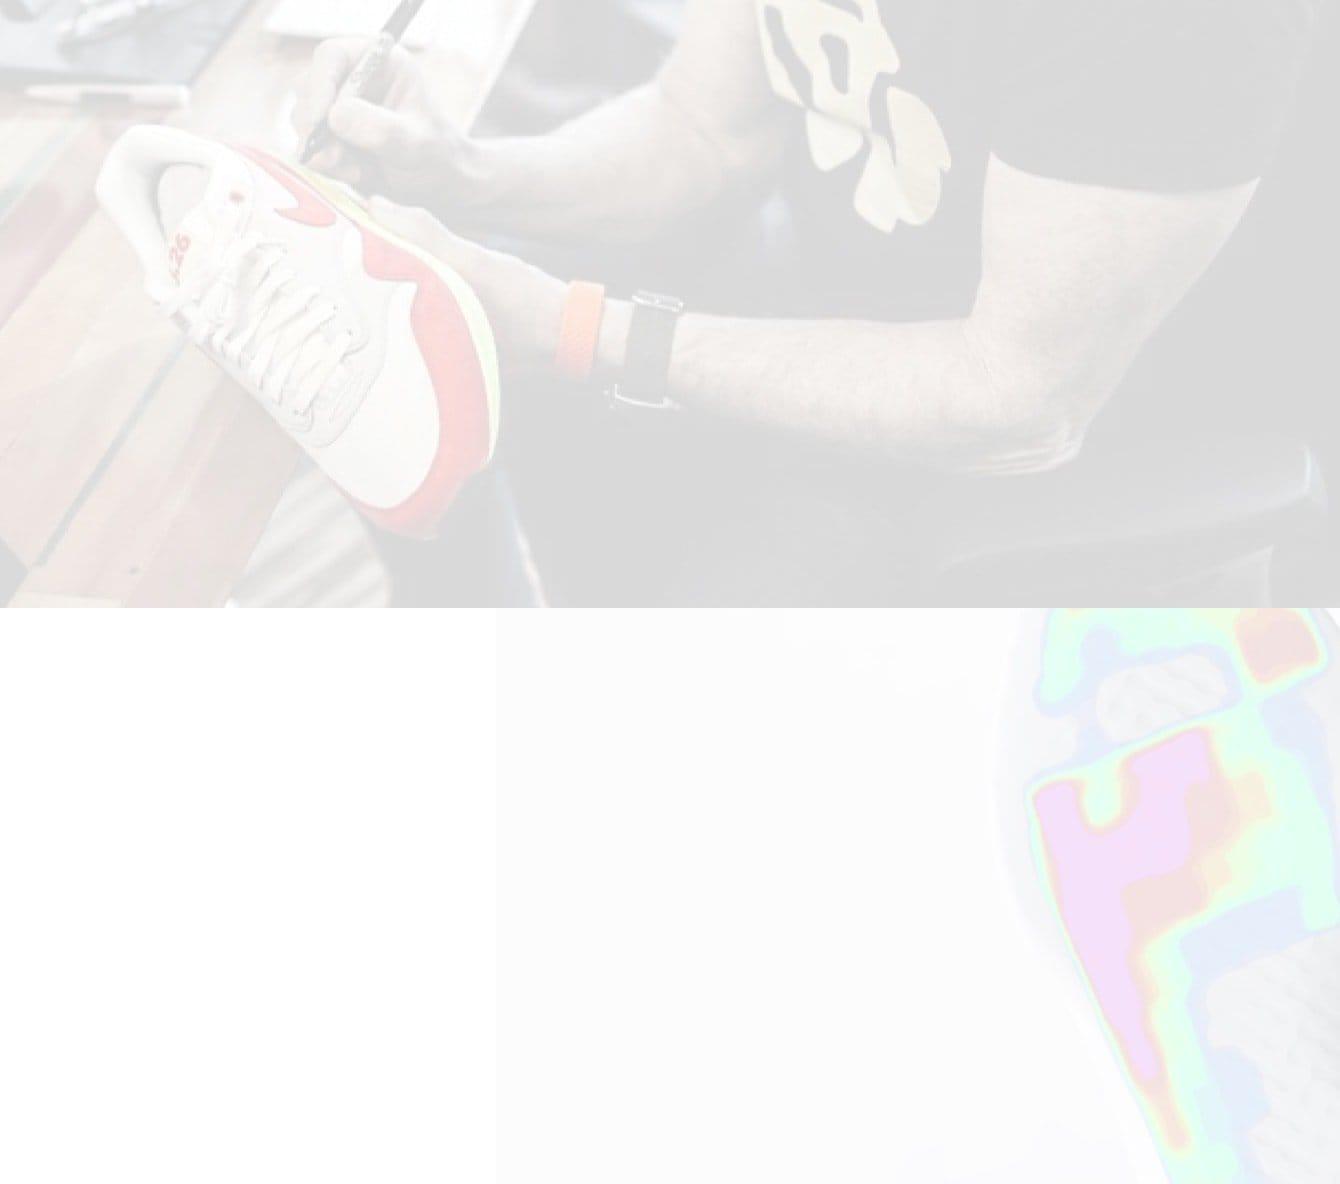 Prisionero igual recuerda  Nike procesa información sobre tu visita utilizando cookies que mejoran el  rendimiento del sitio web, facilitan las compartición a través de redes  sociales y ofrecen publicidad ajustada a tus intereses. Al continuar  navegando por nuestra web, aceptas el uso ...